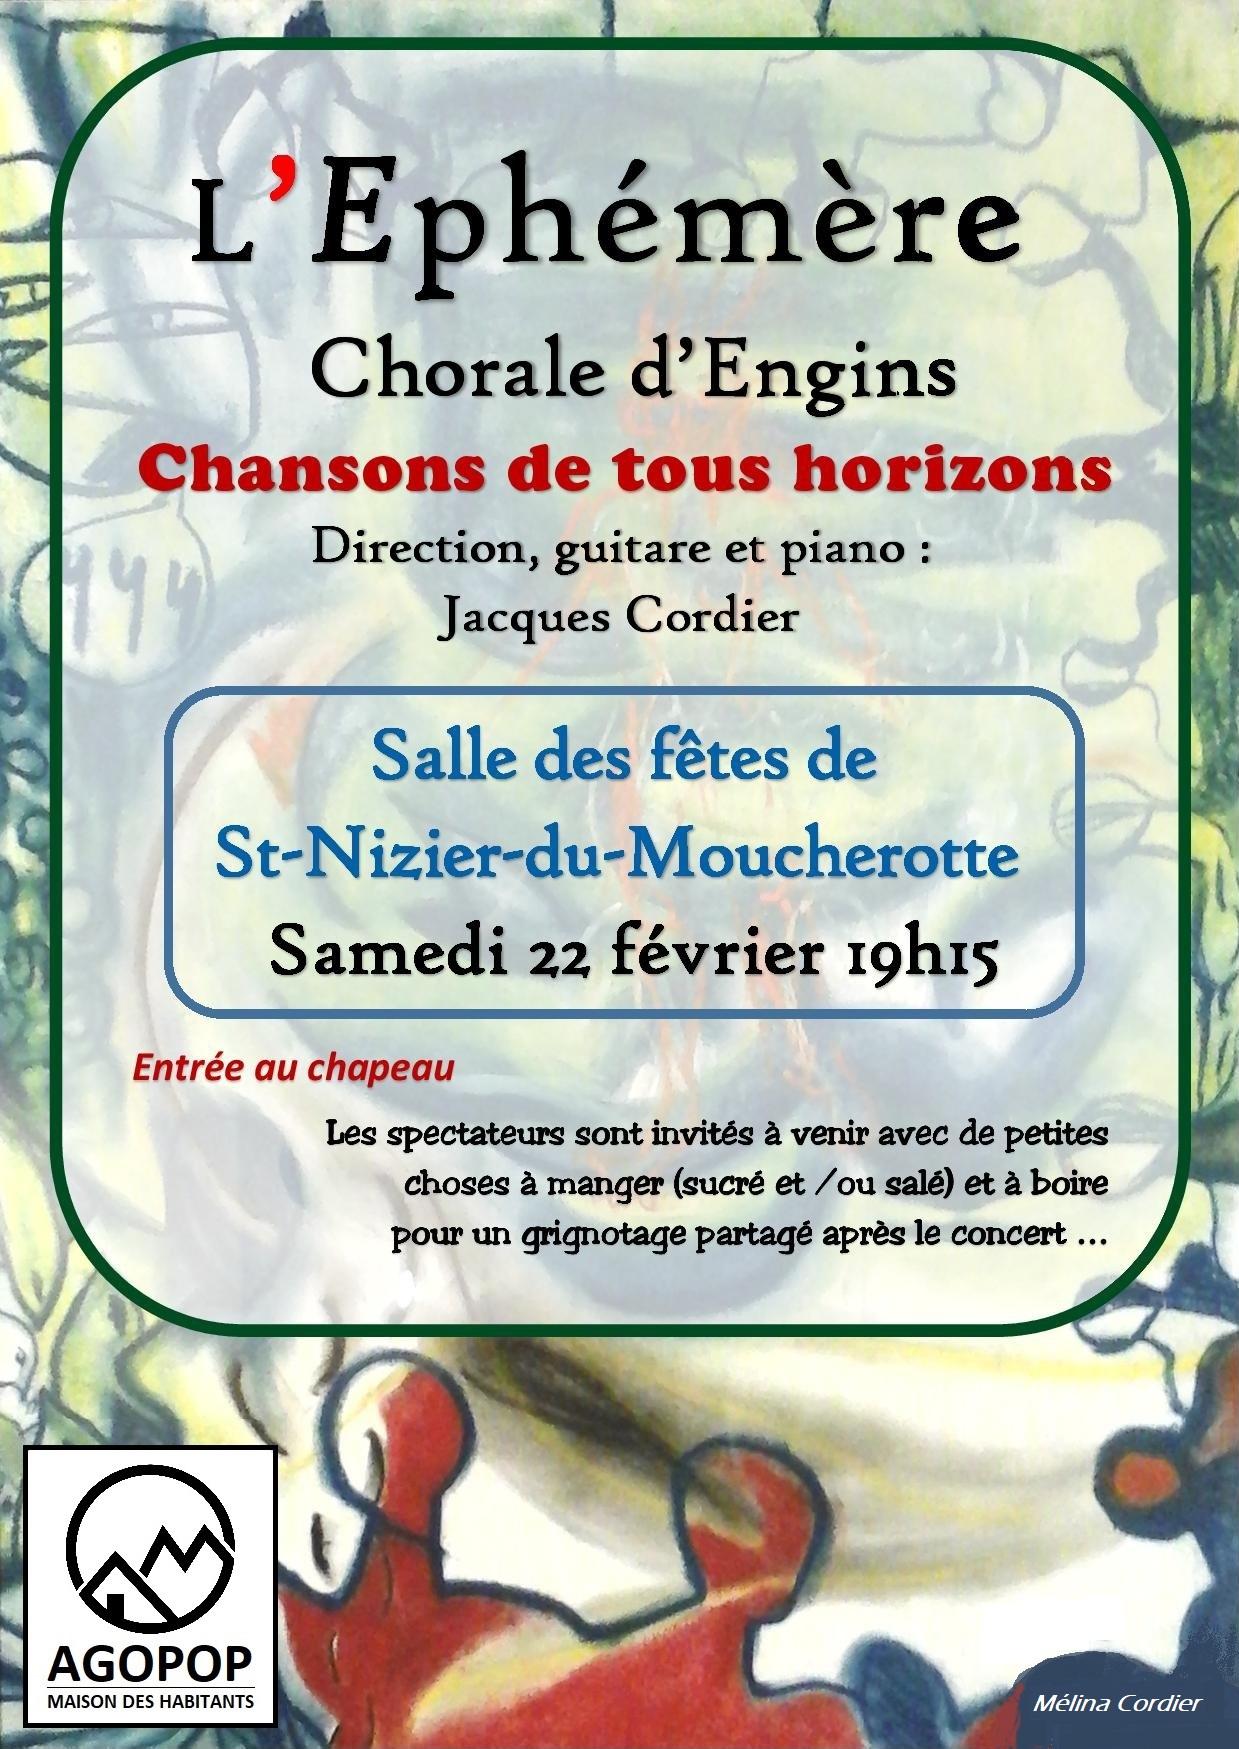 L'Ephémère « Chorale d'Engins » : Chansons de tous horizons @ Salle des Fêtes de Saint Nizier du Moucherotte